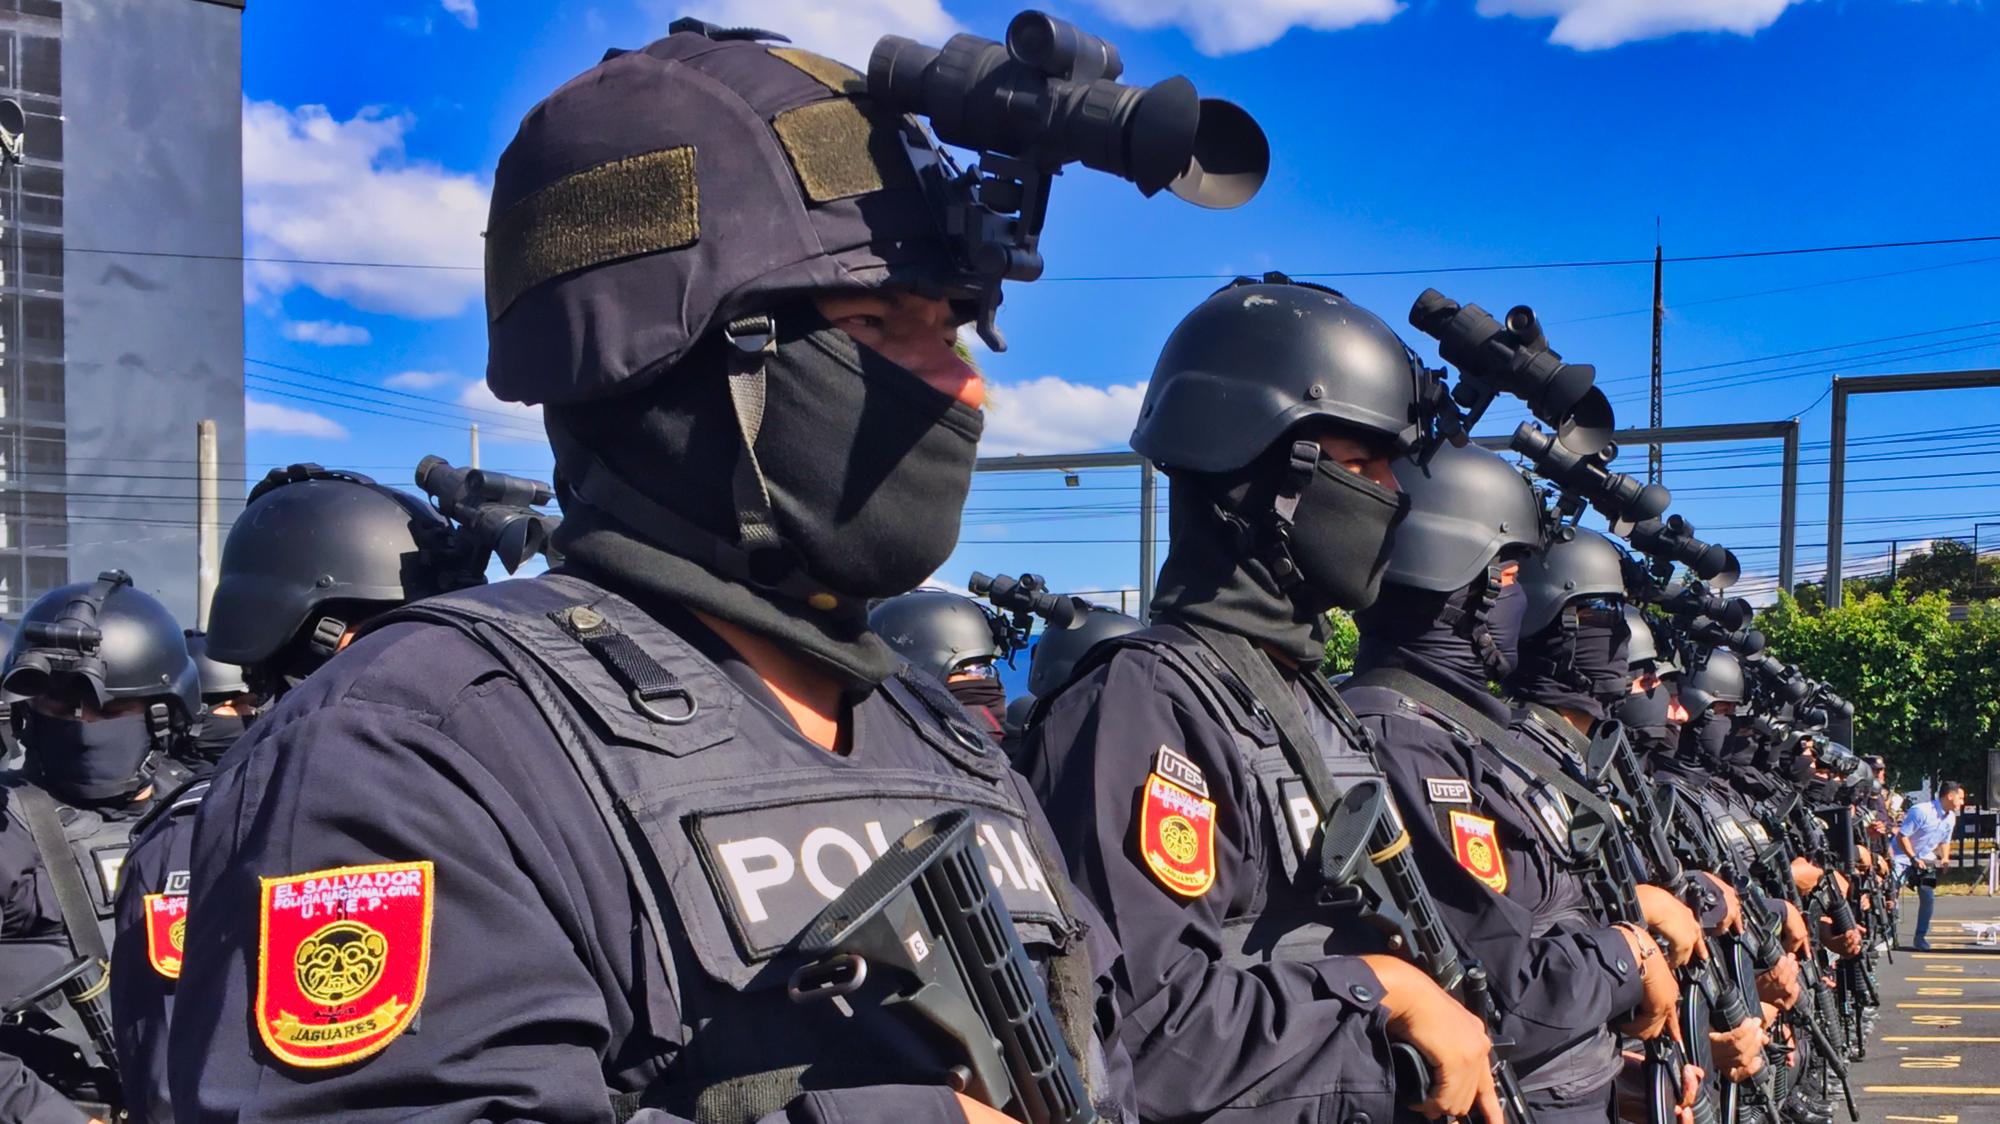 La policía maquilla sus unidades élite involucradas en delitos ...